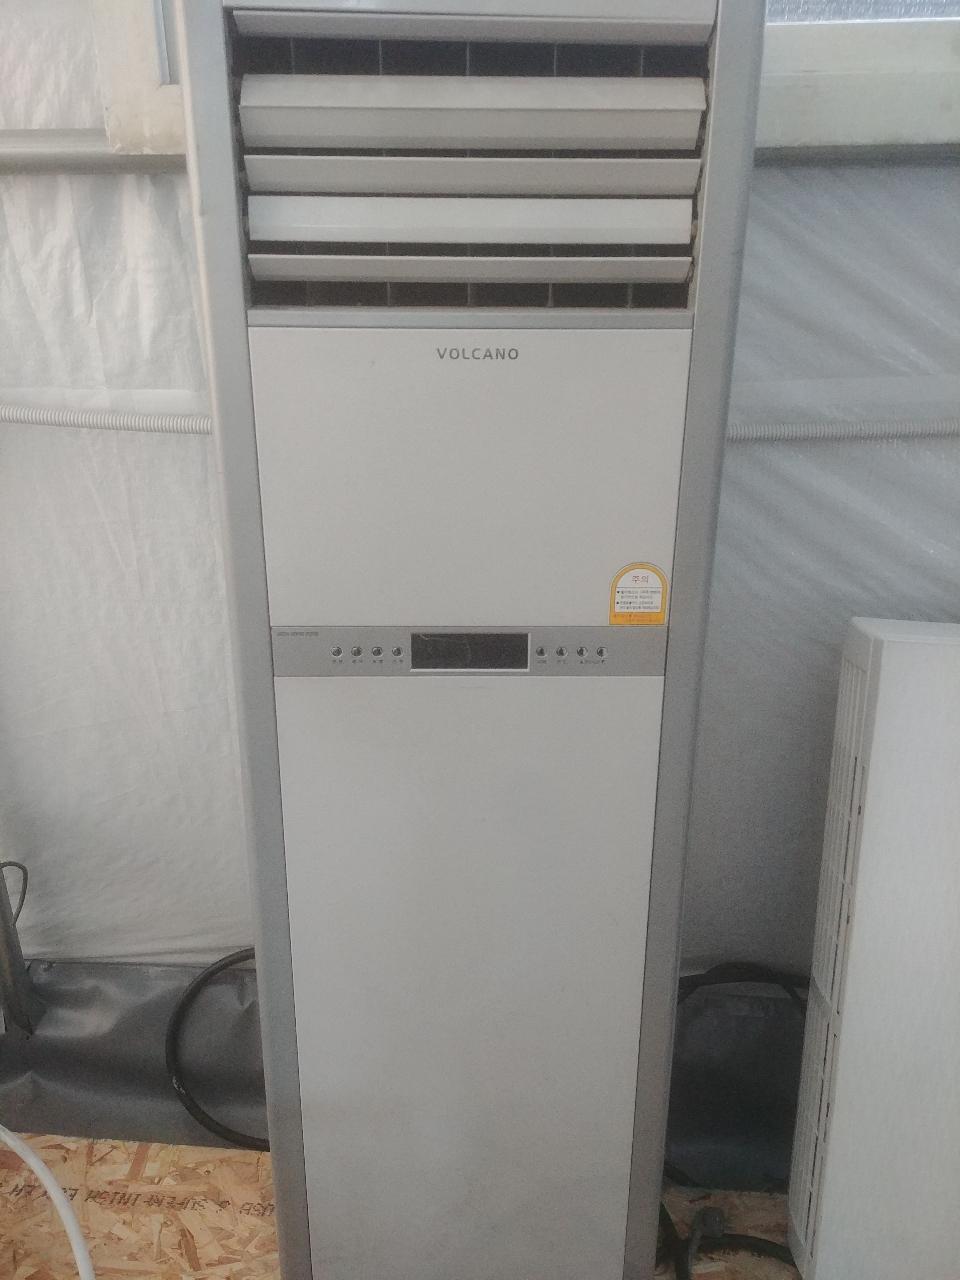 볼케이노 17평 전기난방기 판매